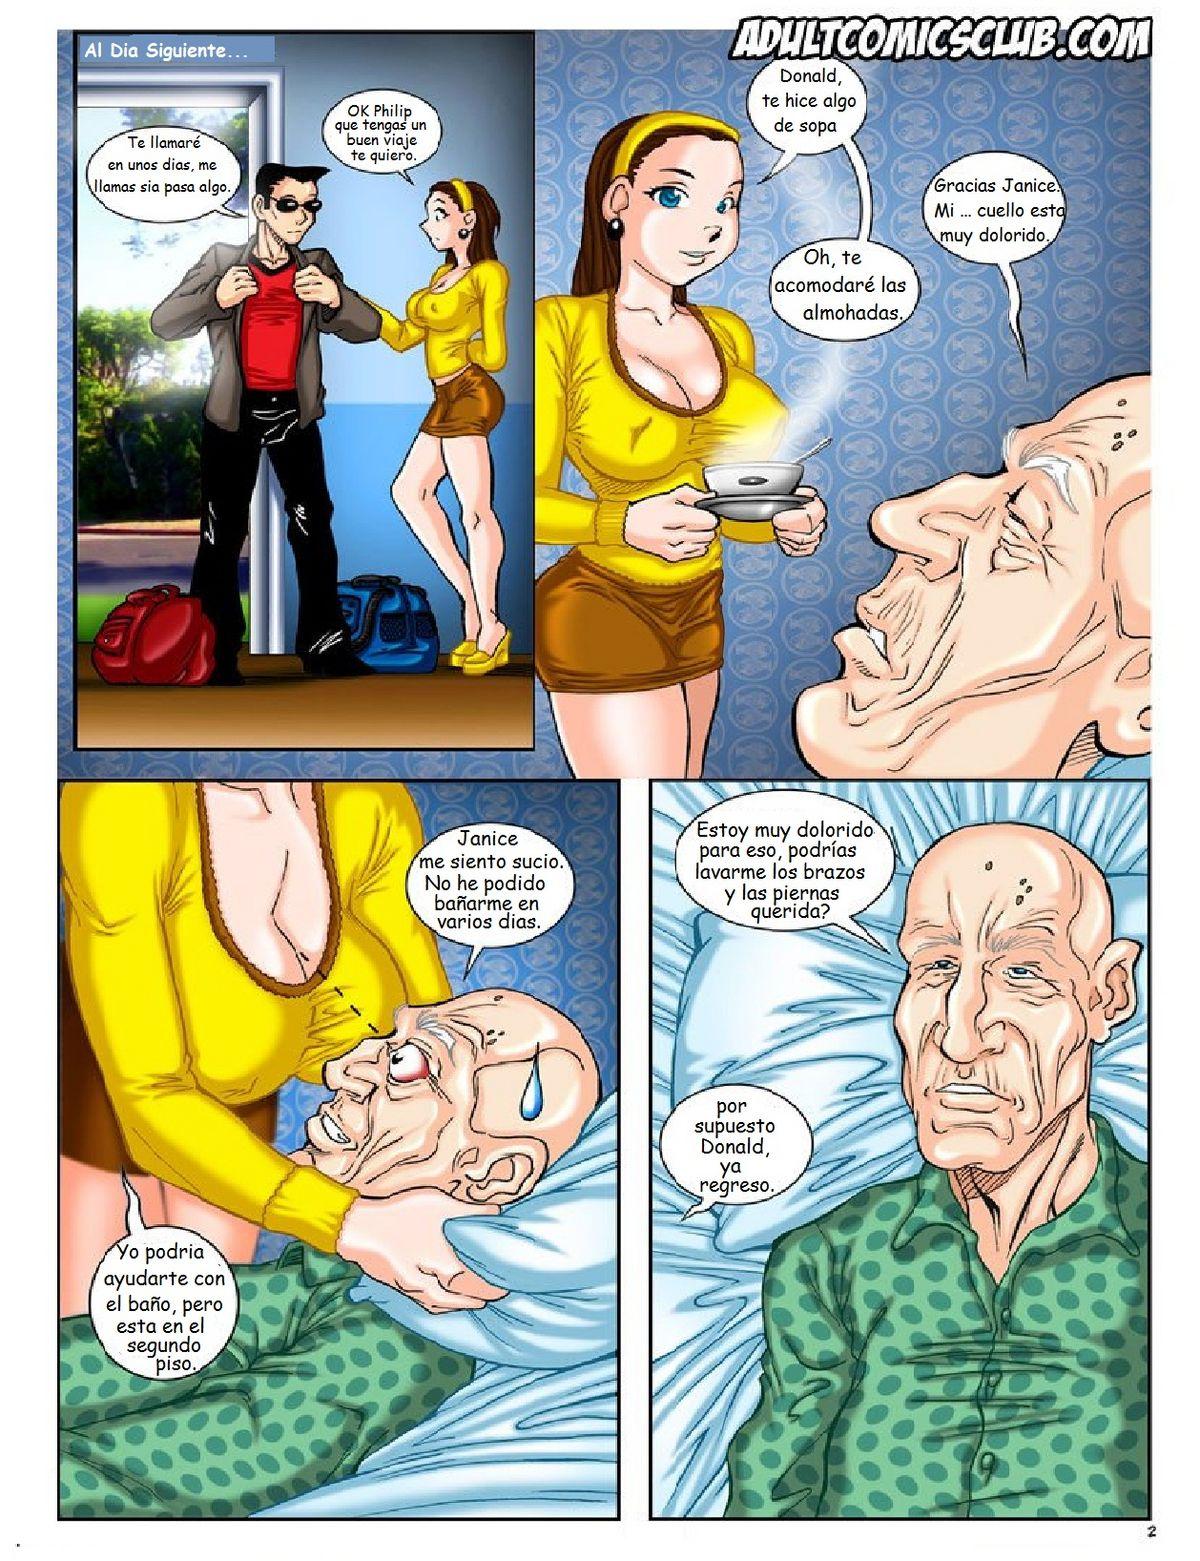 [post] [comic hentai] la madrastra cachonda + el suegro